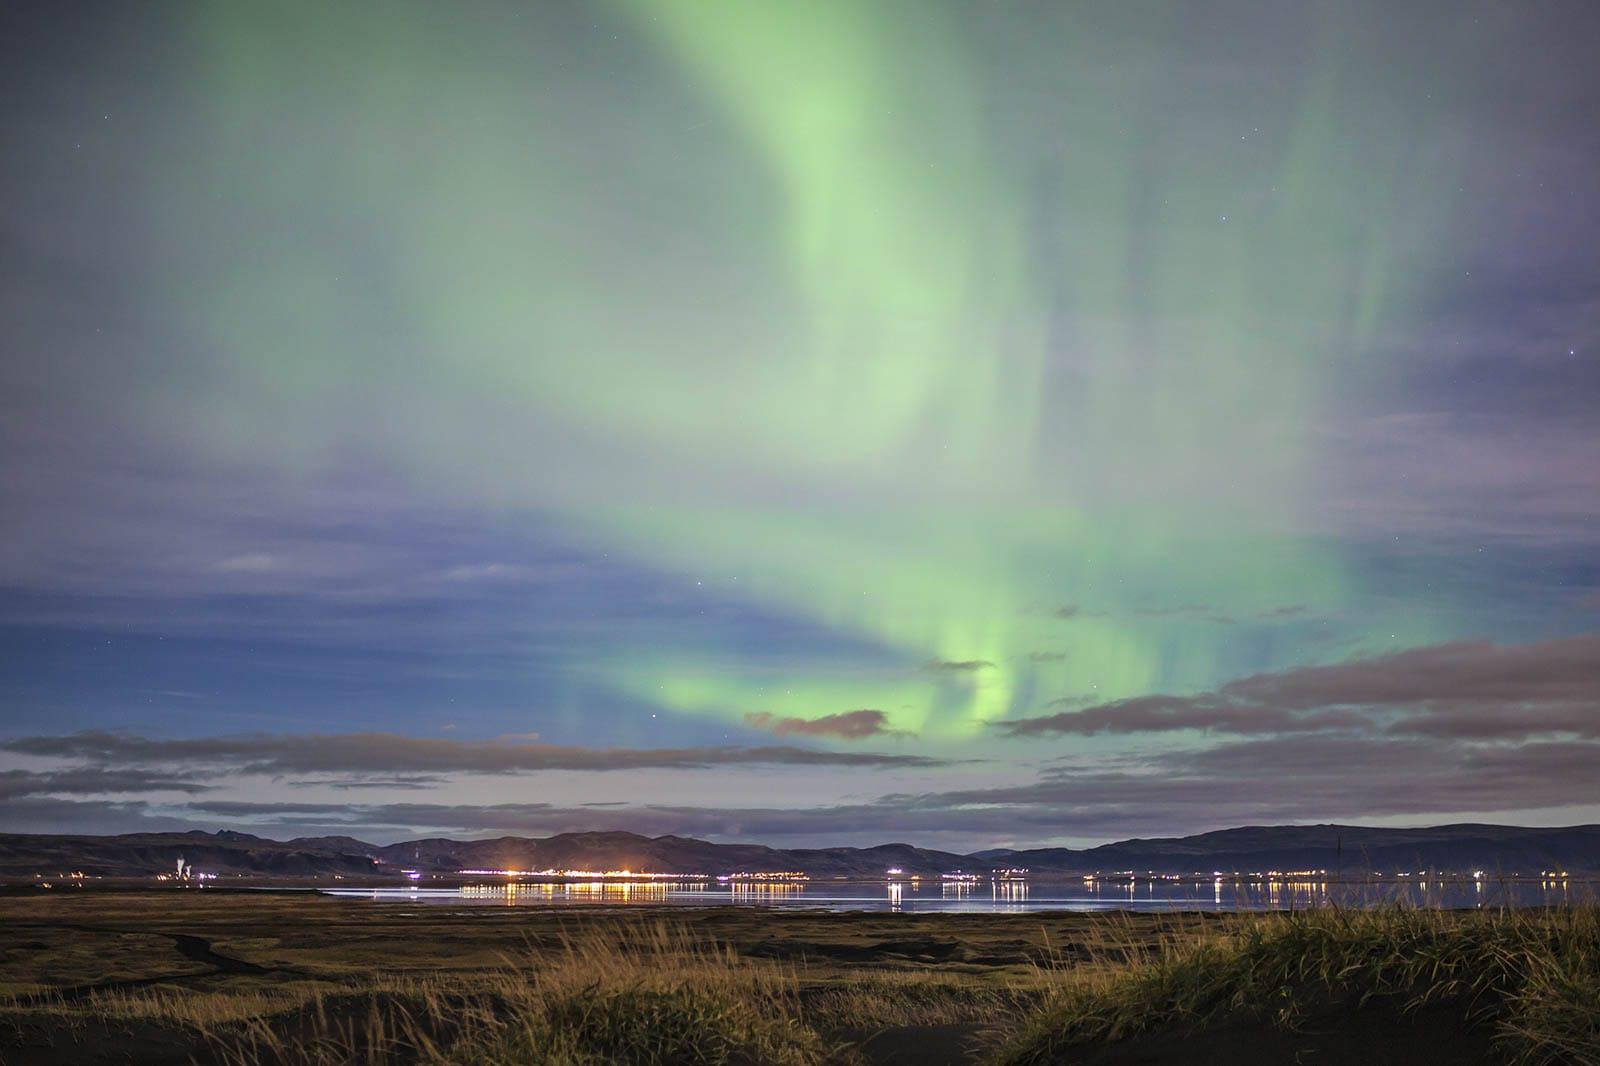 Nothern lights above Hveragerði village